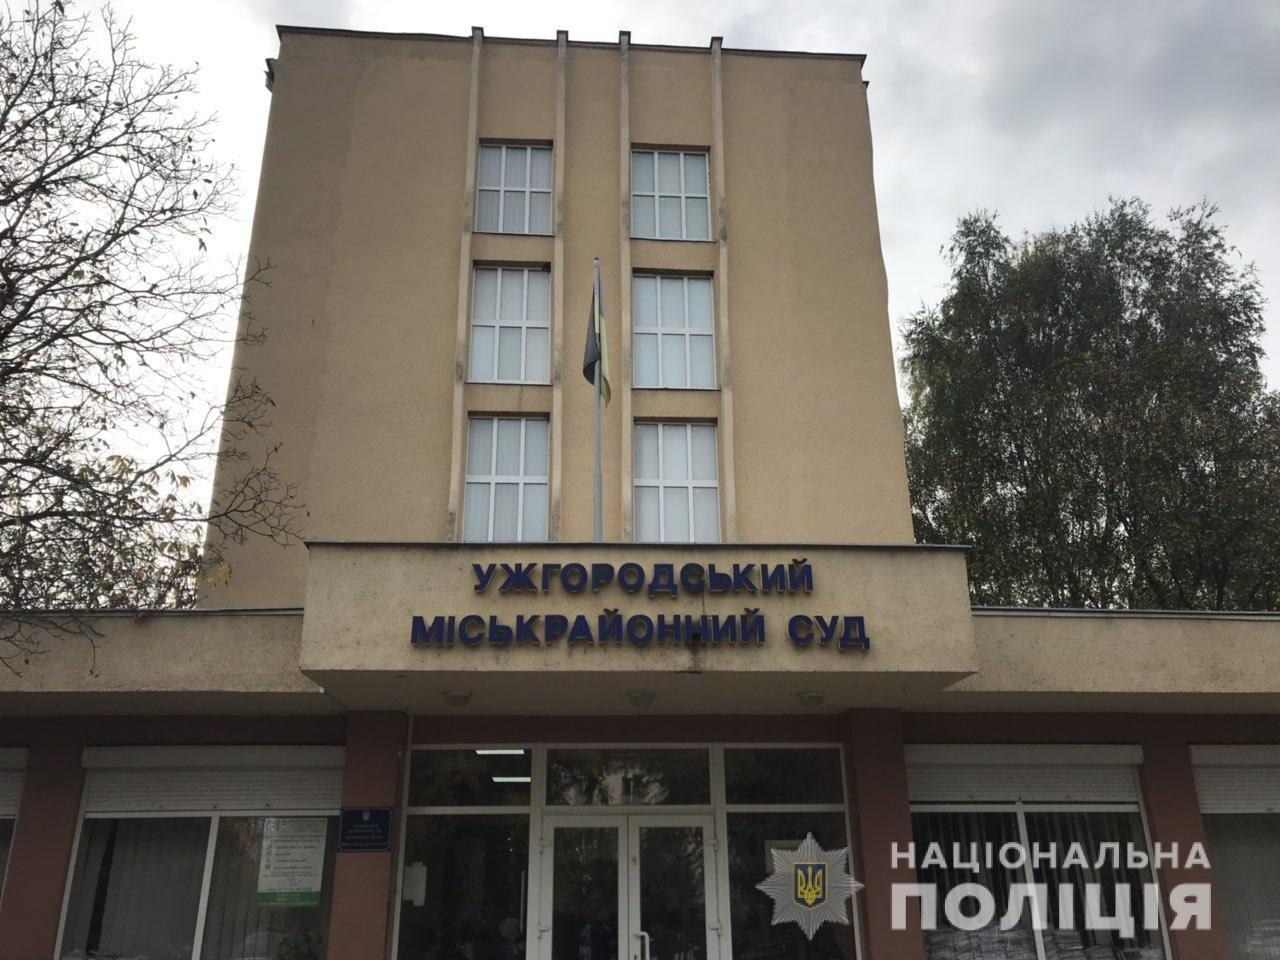 Замінування в ужгородському суді виявилось фейком: поліція розшукує зловмисника (ФОТО), фото-2